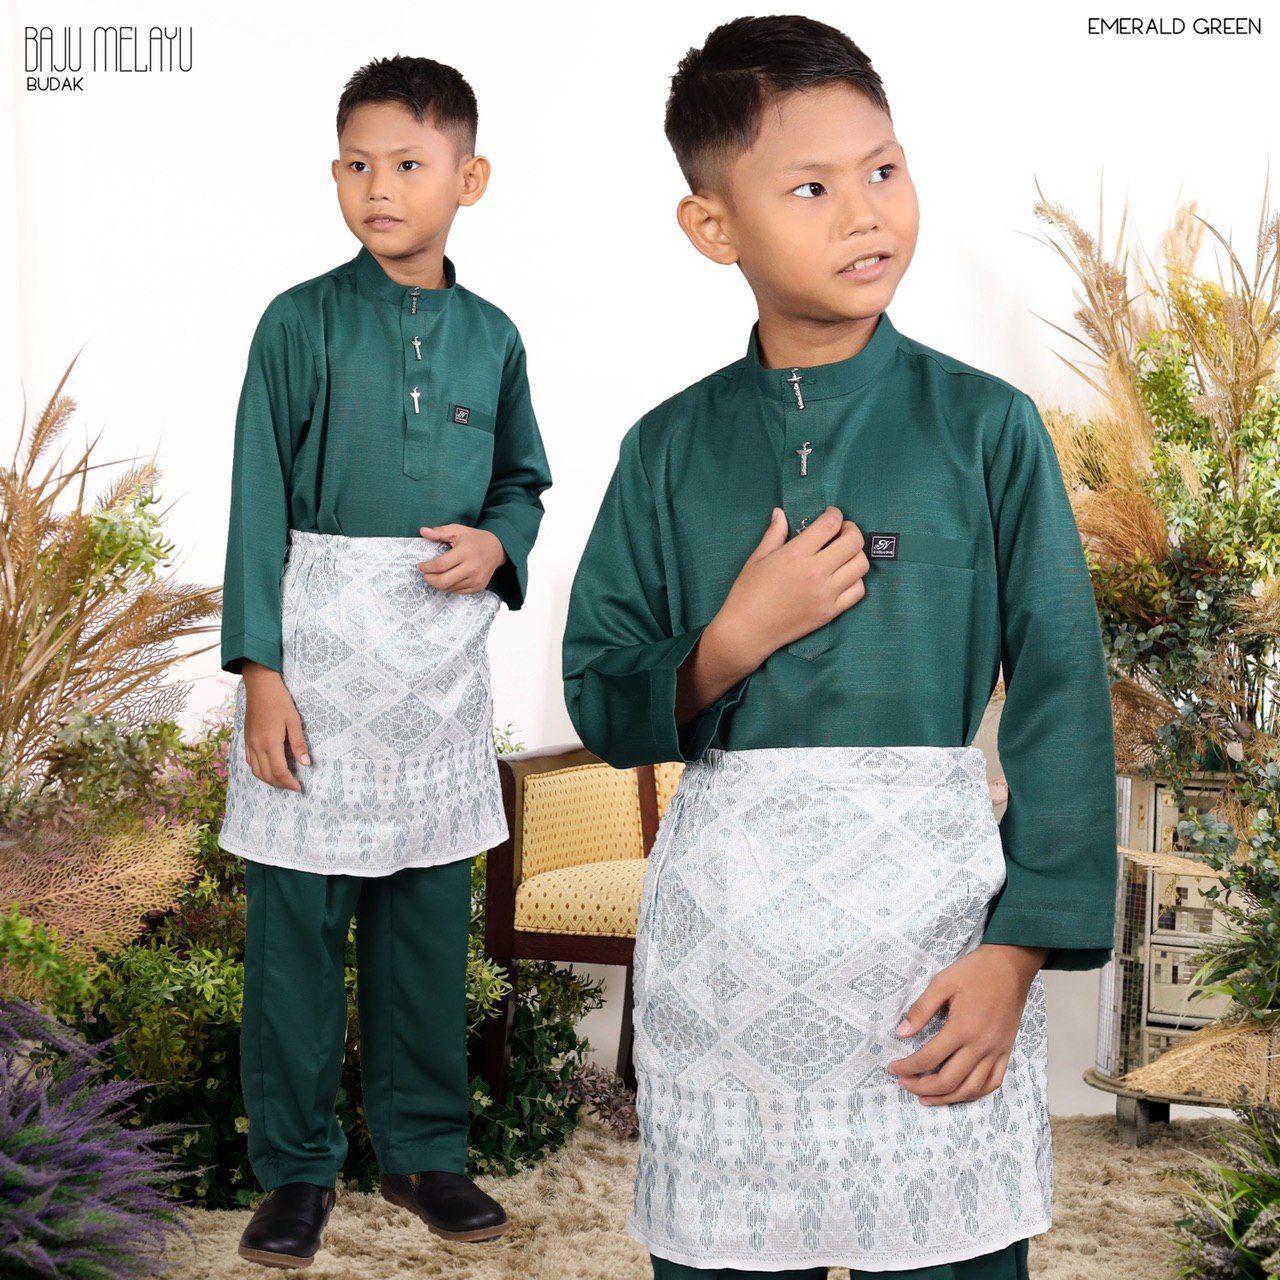 Melayu kids In Emerald Green